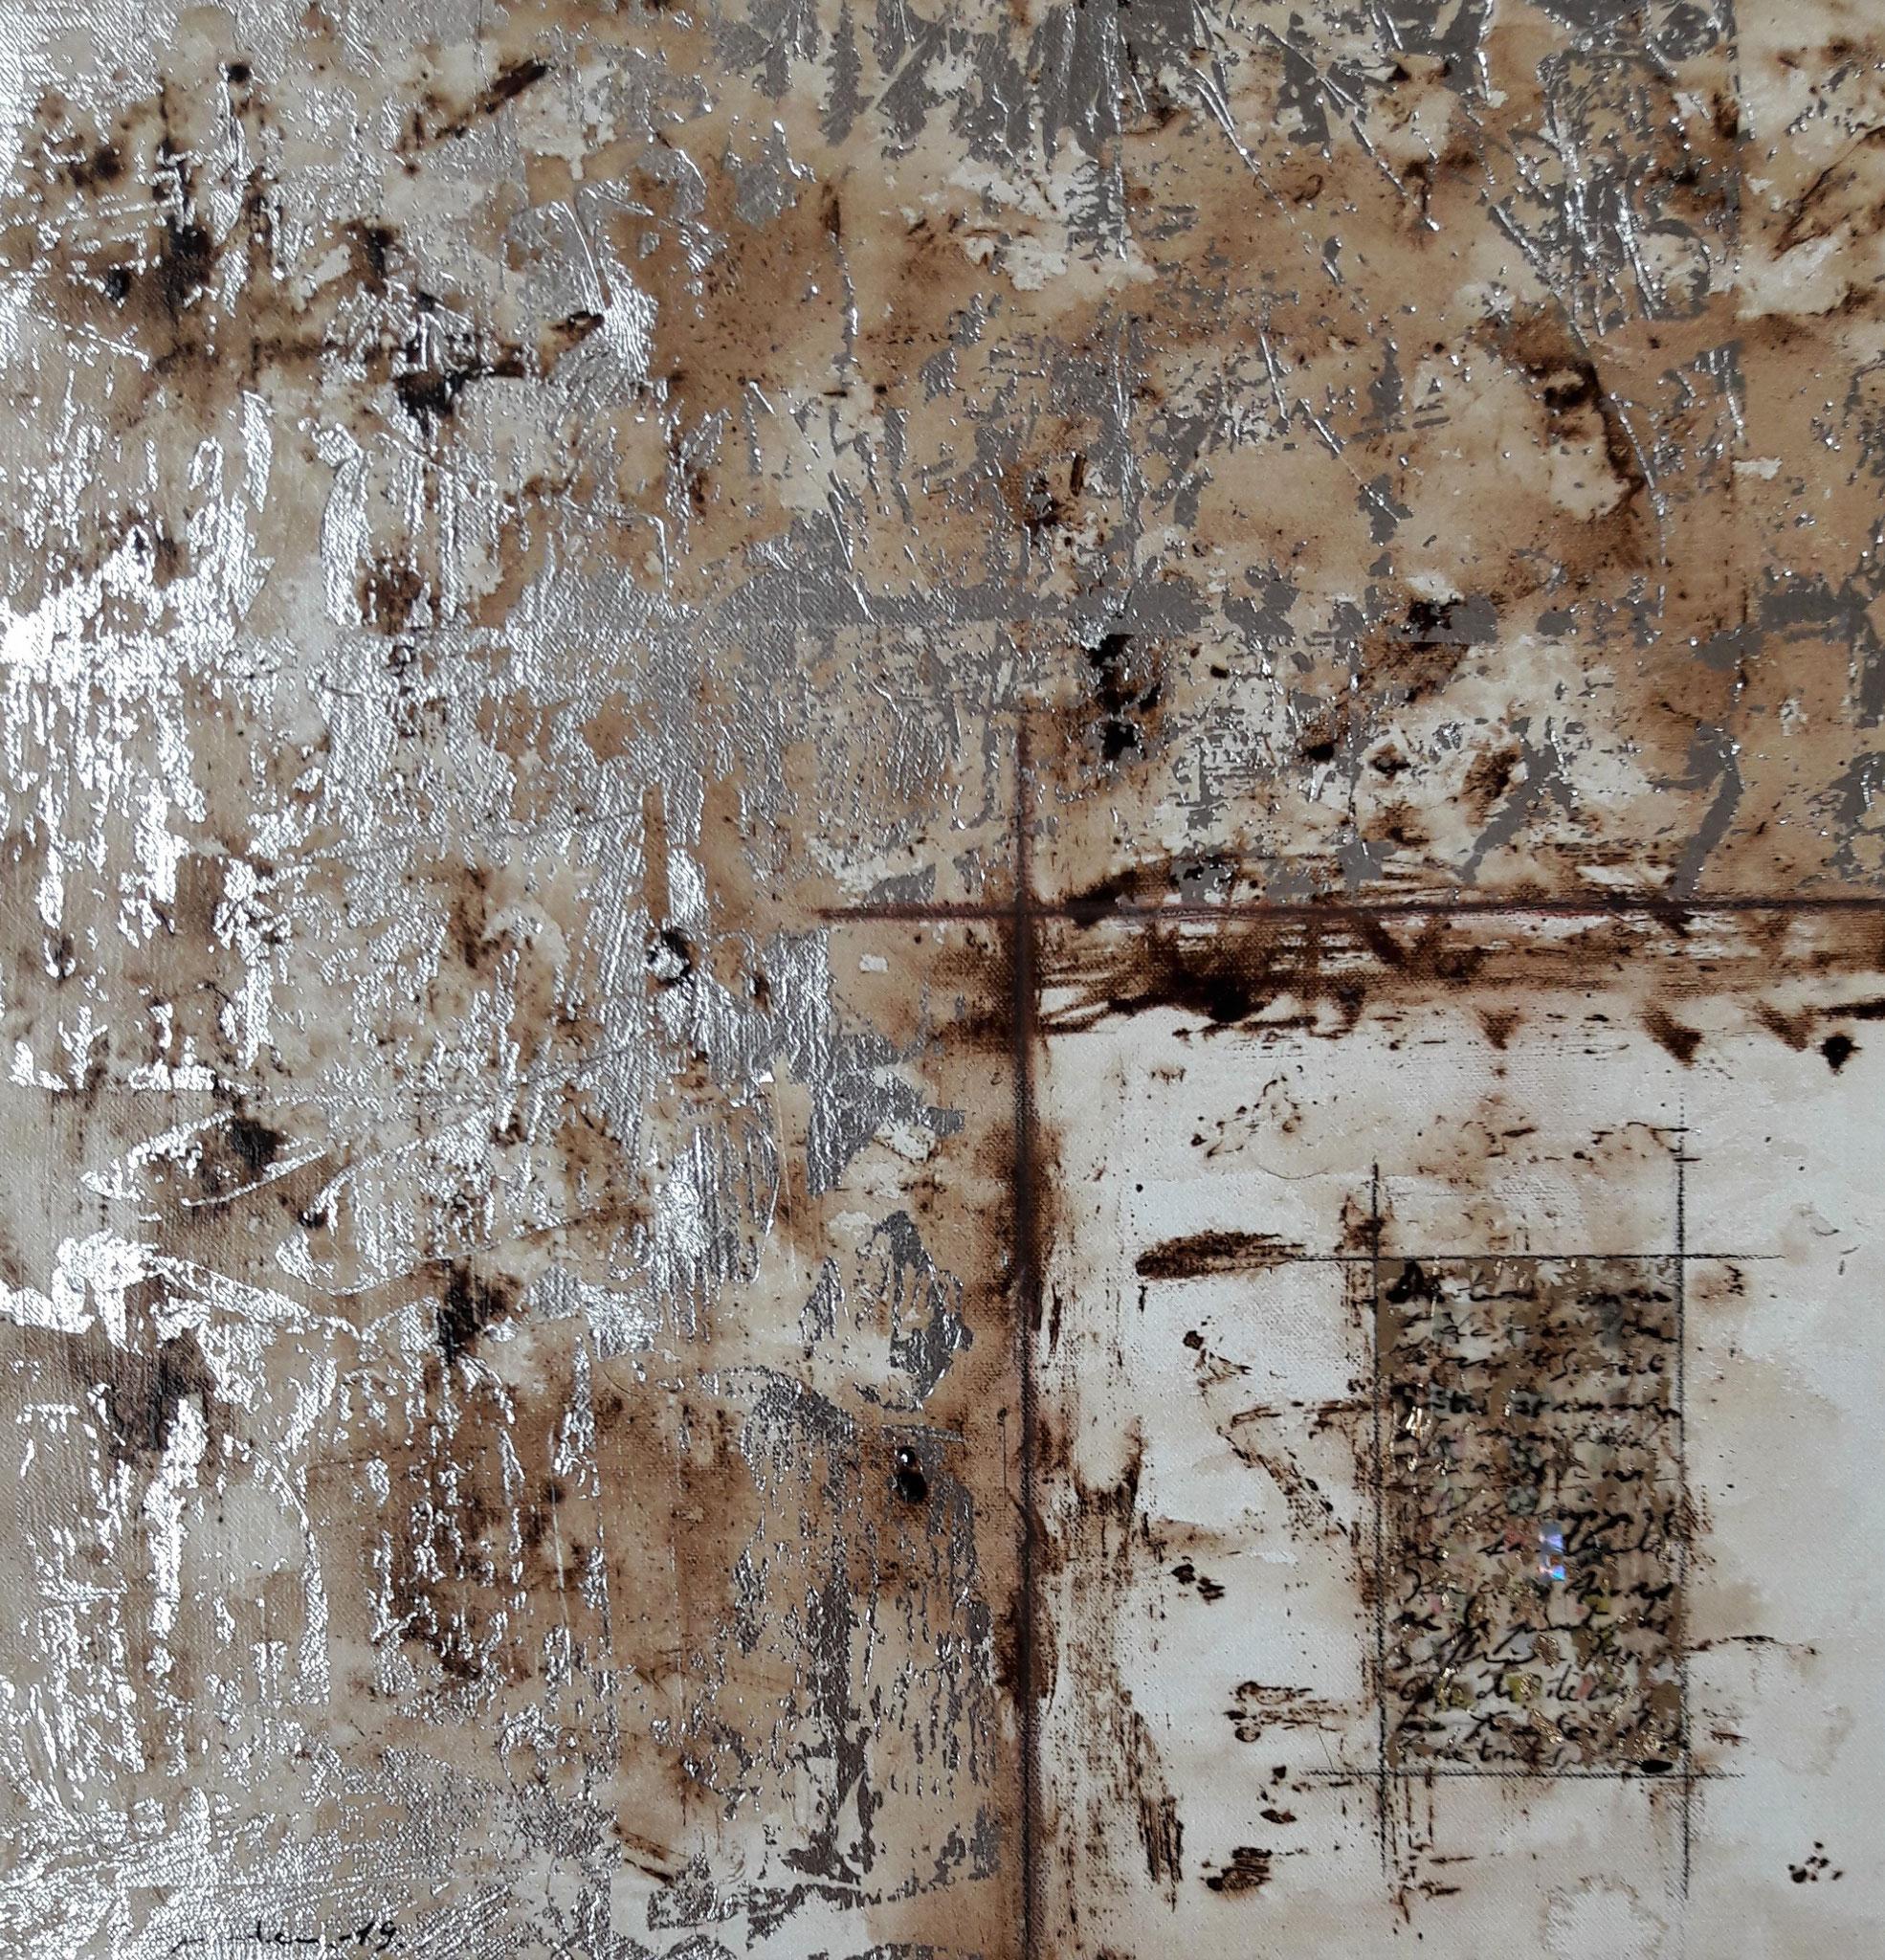 Christophe LEGUIADER (brou de noix, de liant acrylique, de feuilles d'or et d'argent, de collage et d'encre)